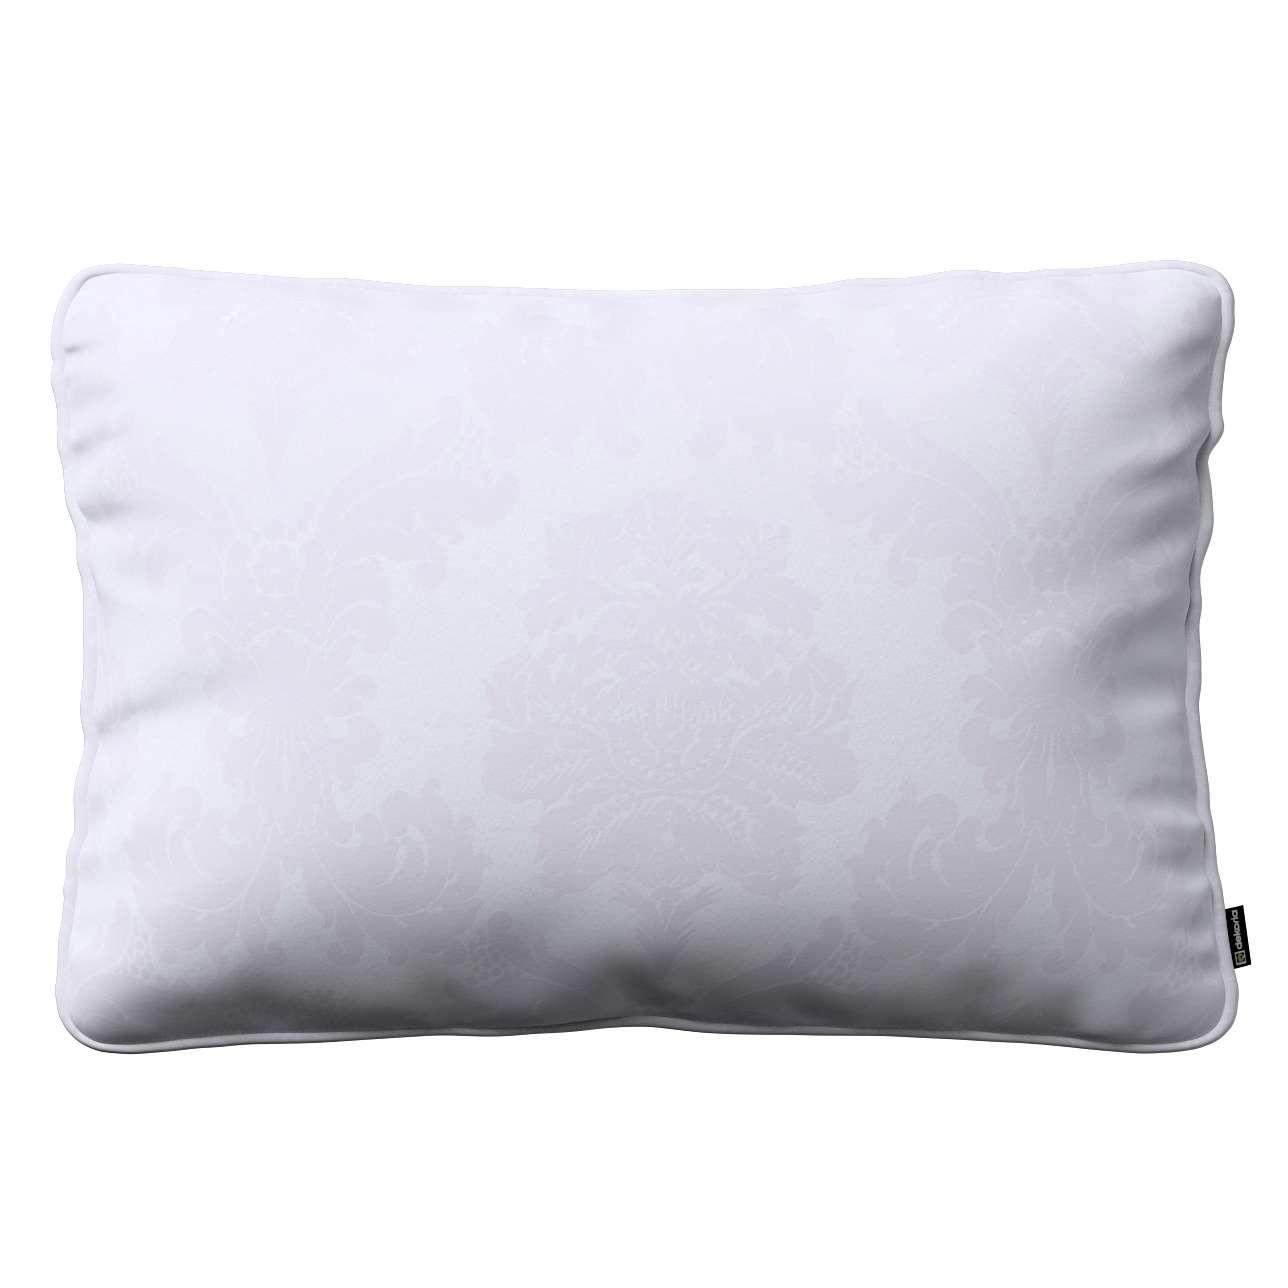 Poszewka Gabi na poduszkę prostokątna w kolekcji Damasco, tkanina: 613-00